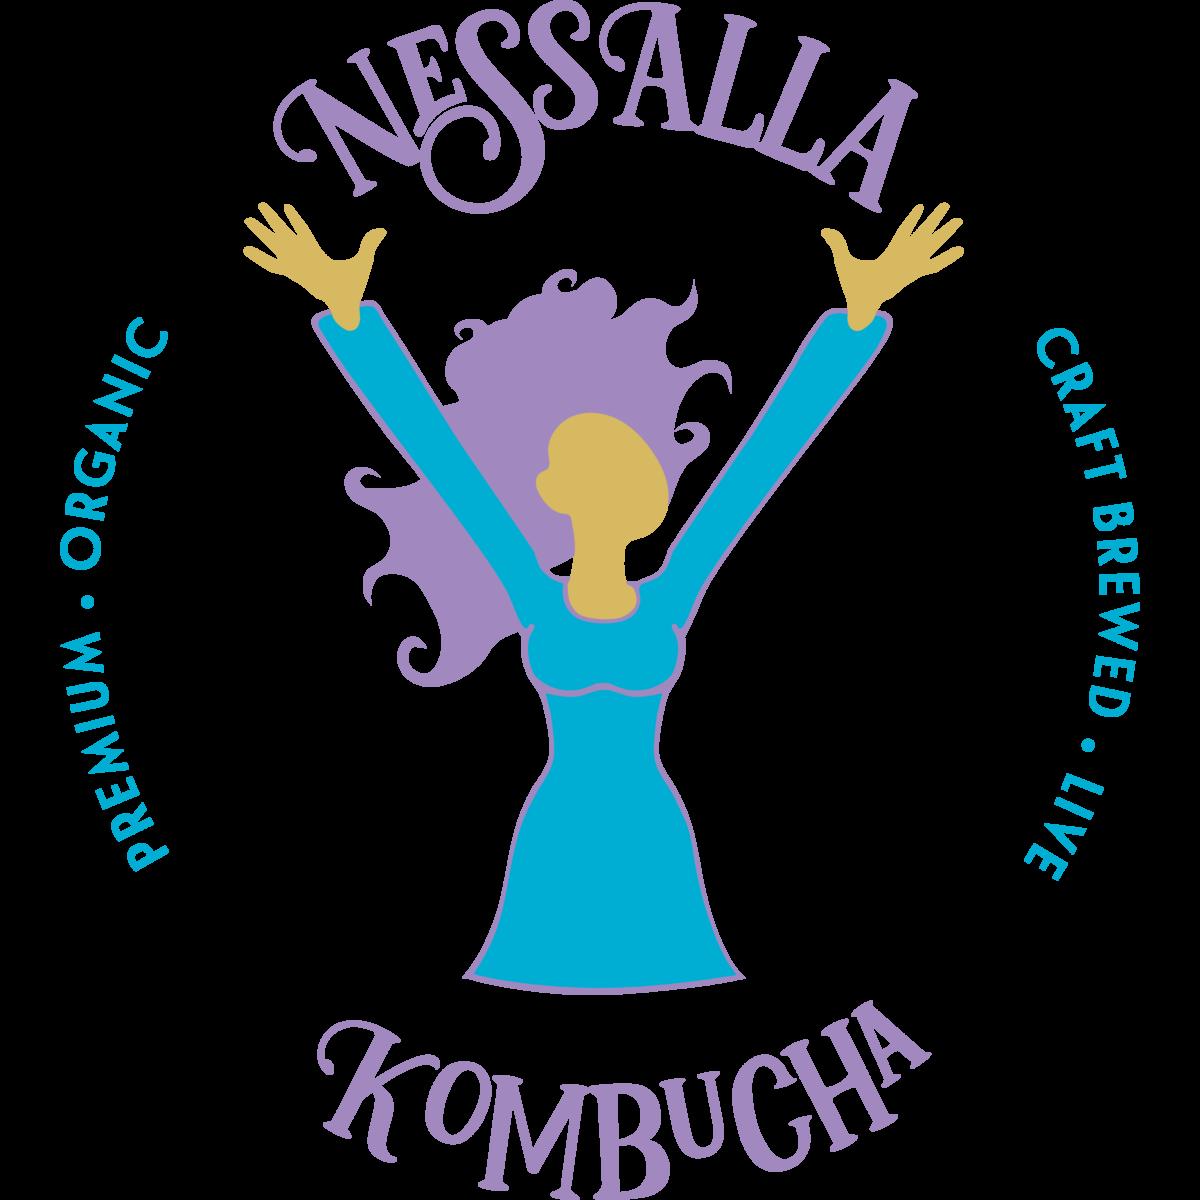 NessAlla Kombucha new Logo